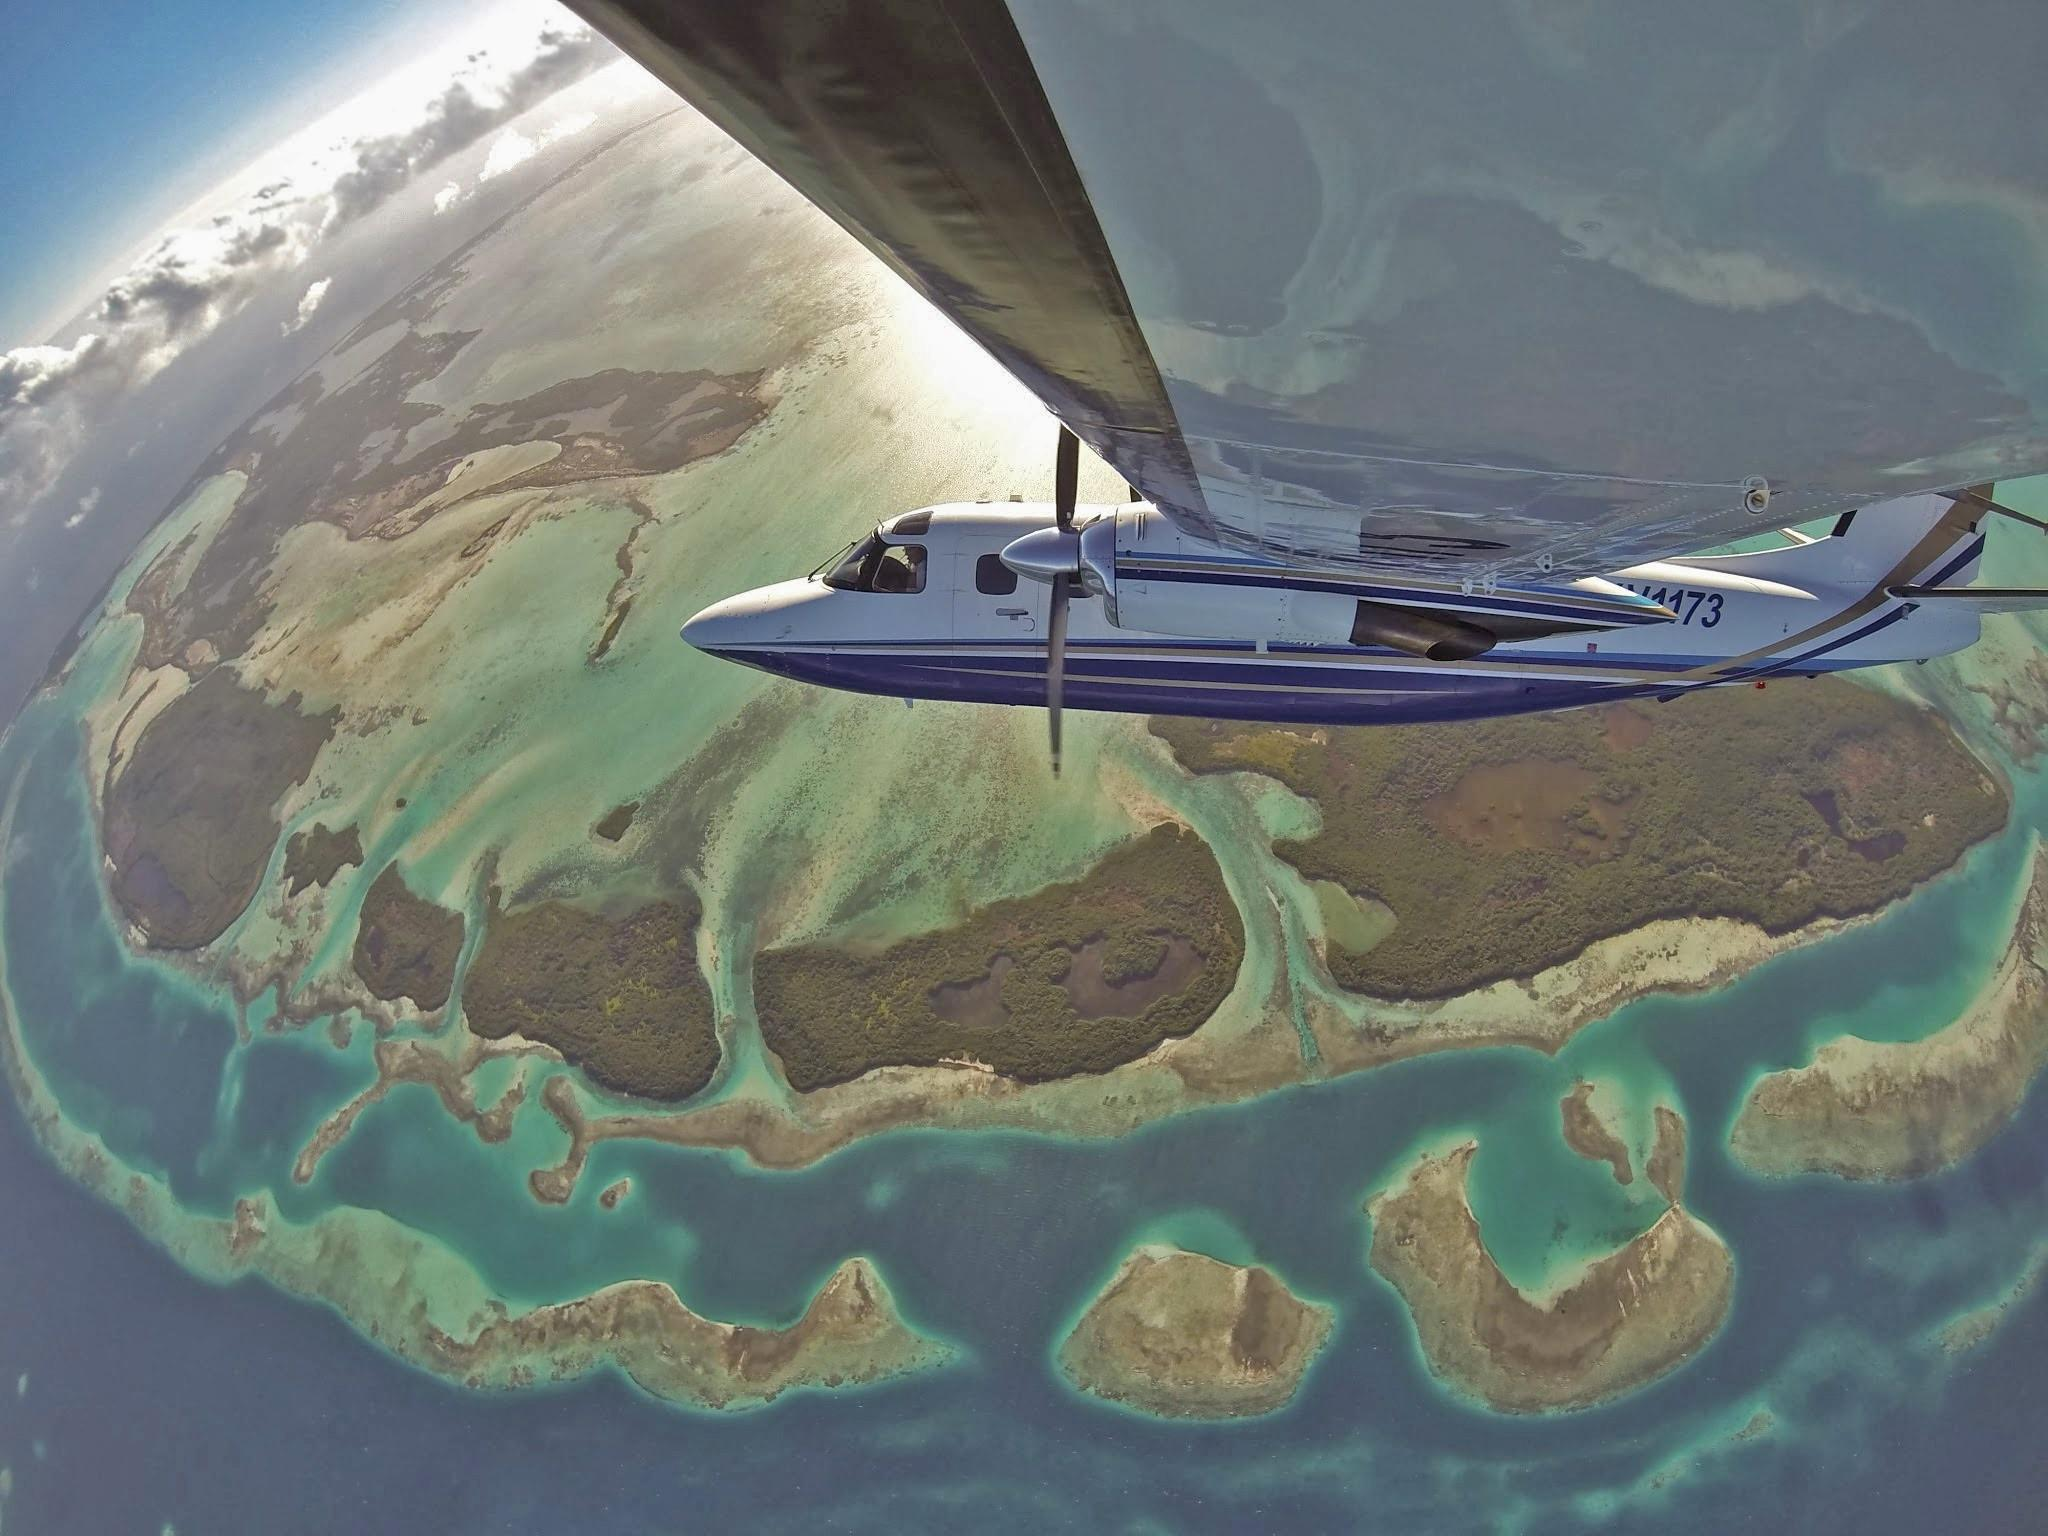 If planes took selfies